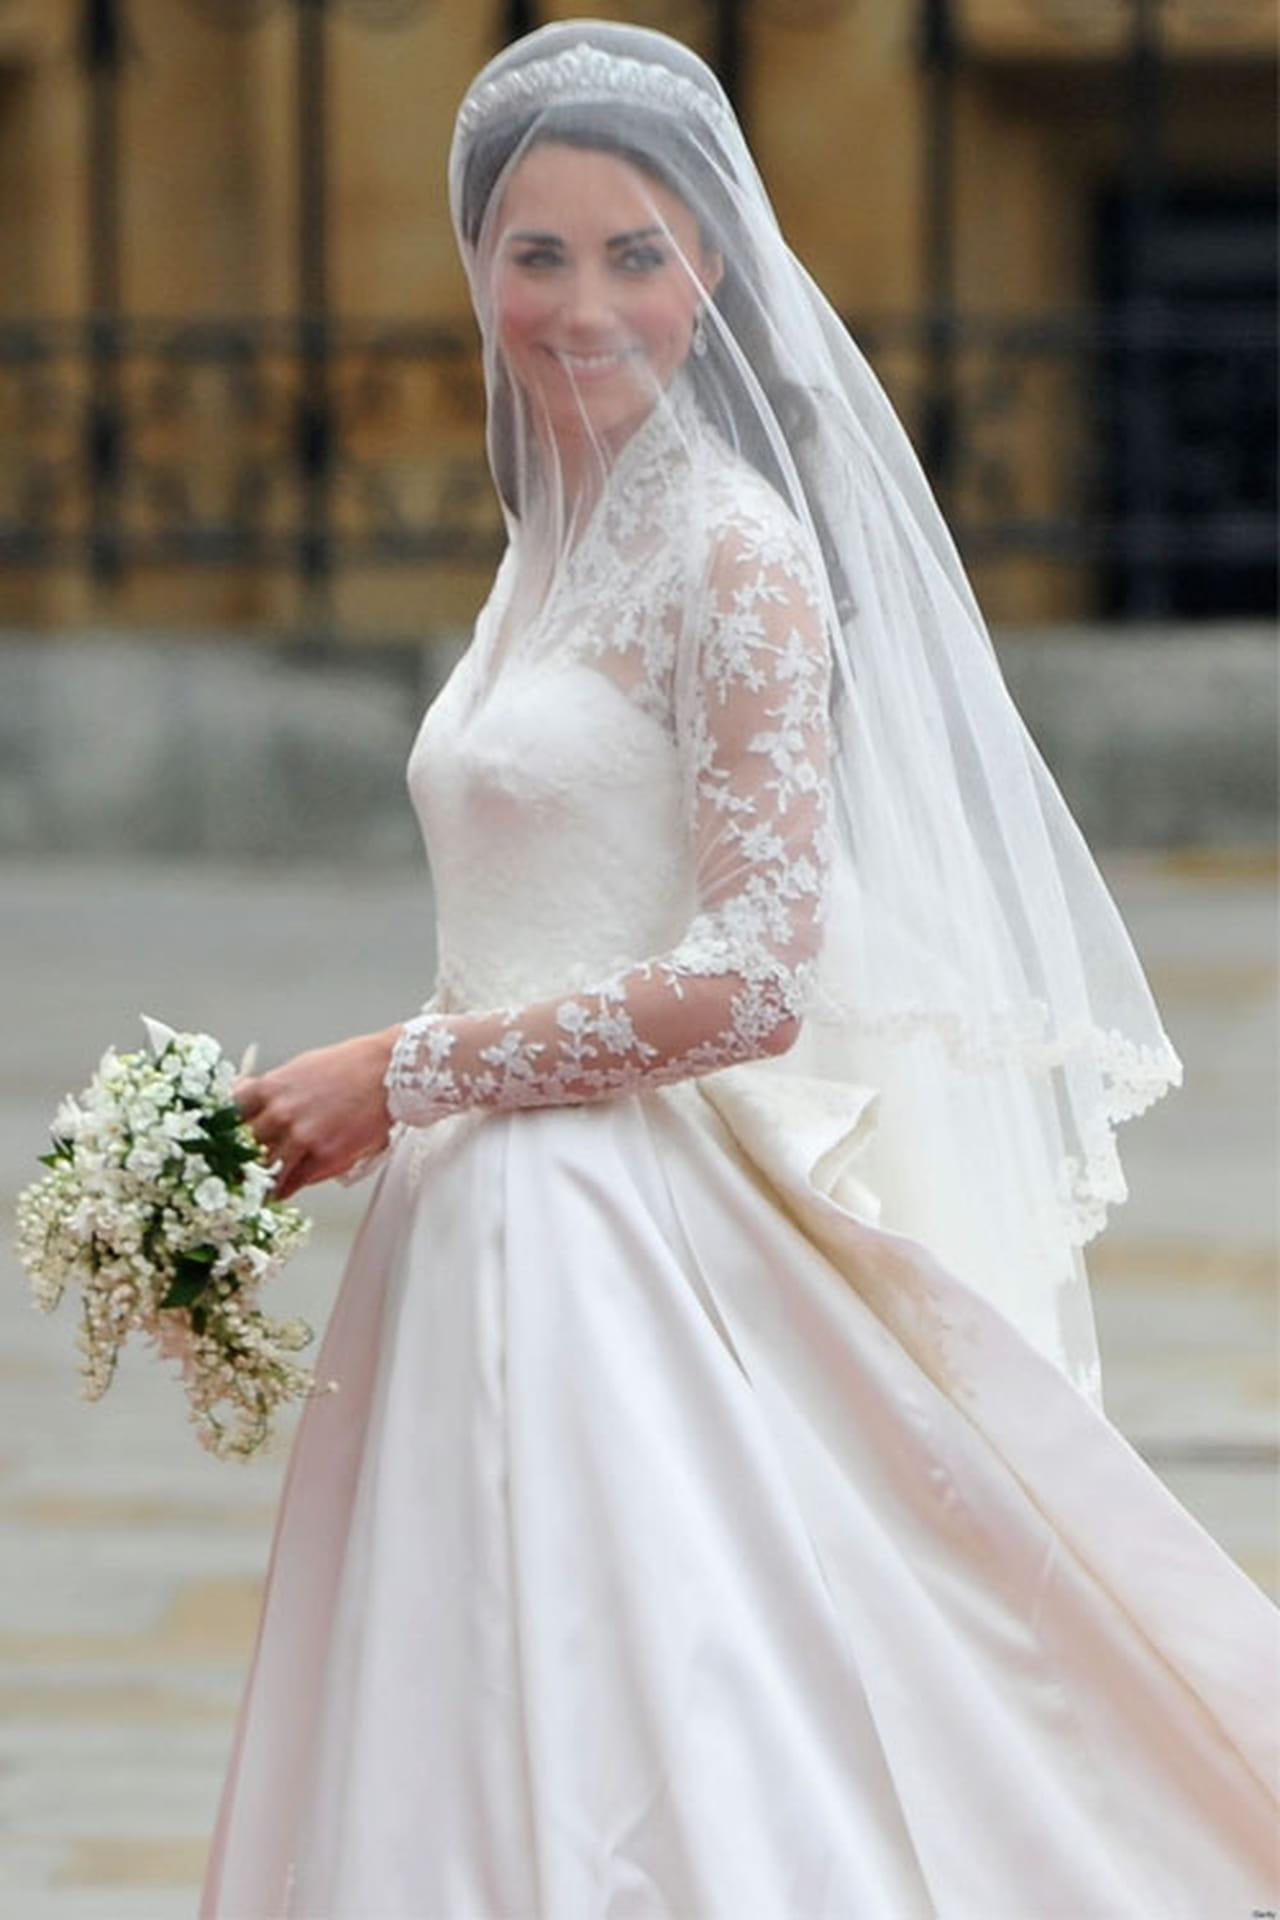 3b78f3e4bea34 ... الزفاف، وتبقى صوره هي الذكري الخالدة، بكل تفاصيله ومواقفه السعيدة،  ويعتبر فستان العروس هو أكثر ما يلتفت إليه الحضور في حفل الزفاف، لذلك تحاول  كل عروس أن ...